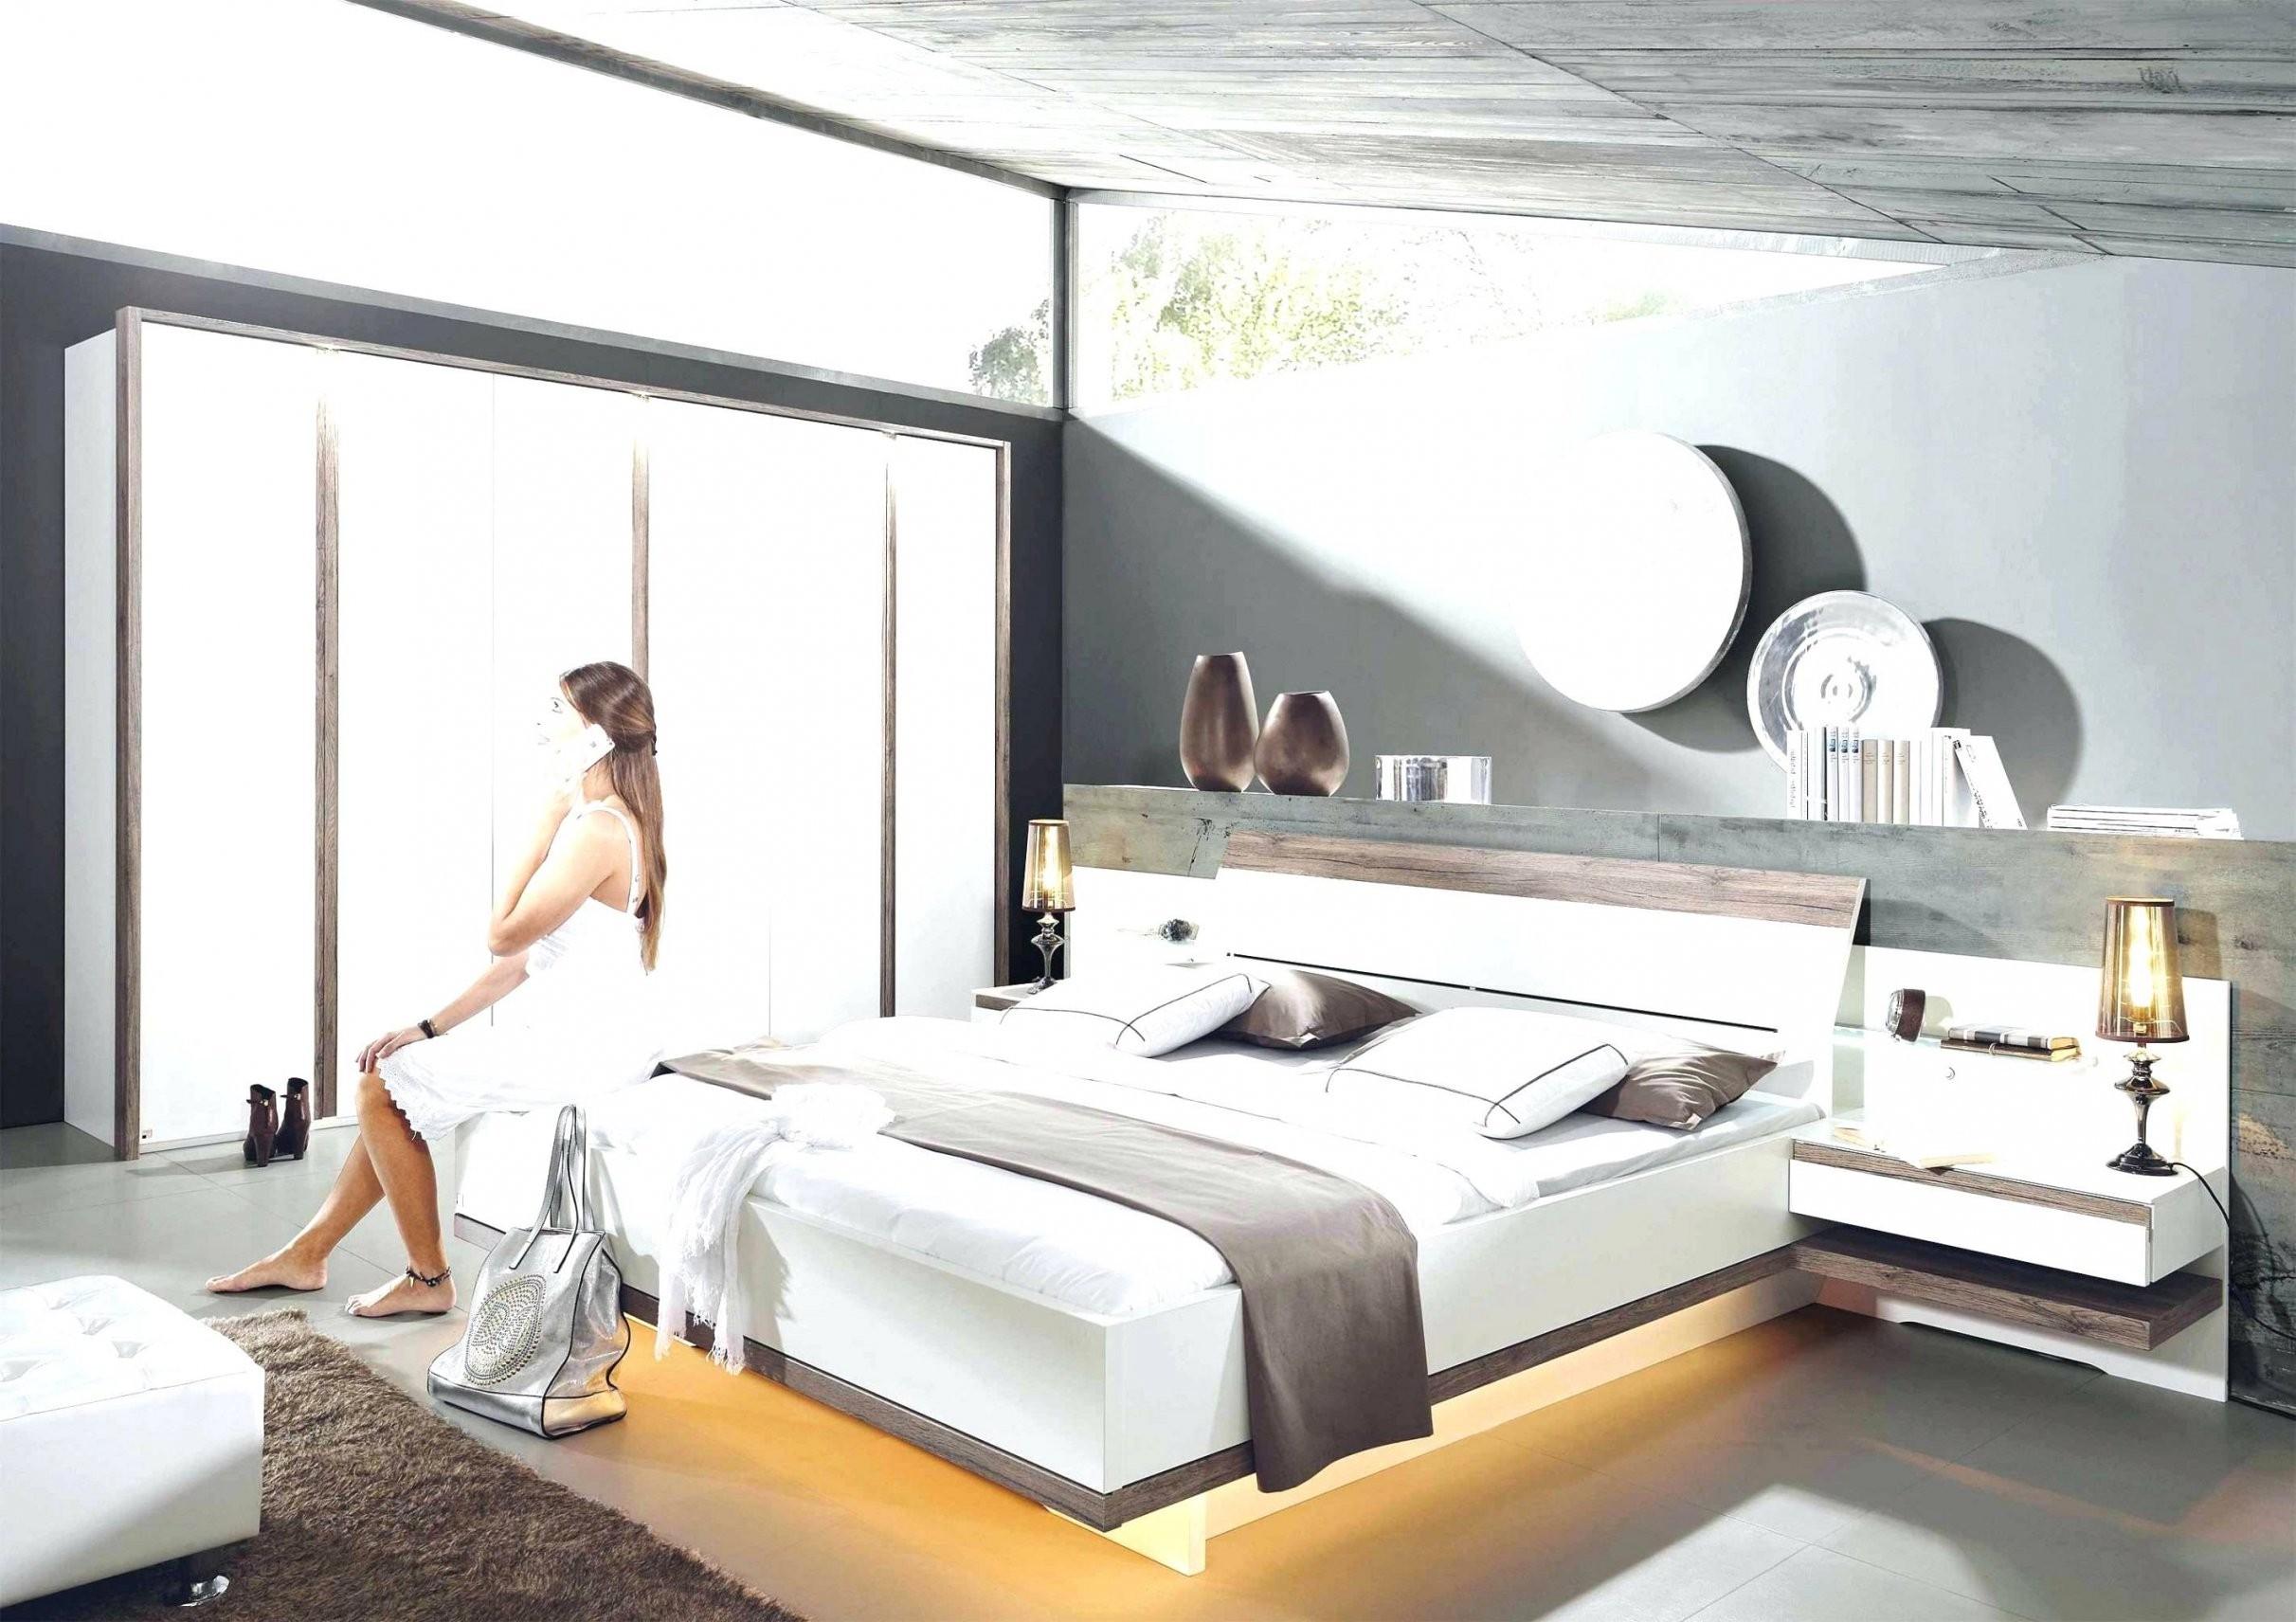 Futonbett 160×200 Mit Matratze Und Lattenrost Inspirierend von Bett Mit Matratze Und Lattenrost 160X200 Bild